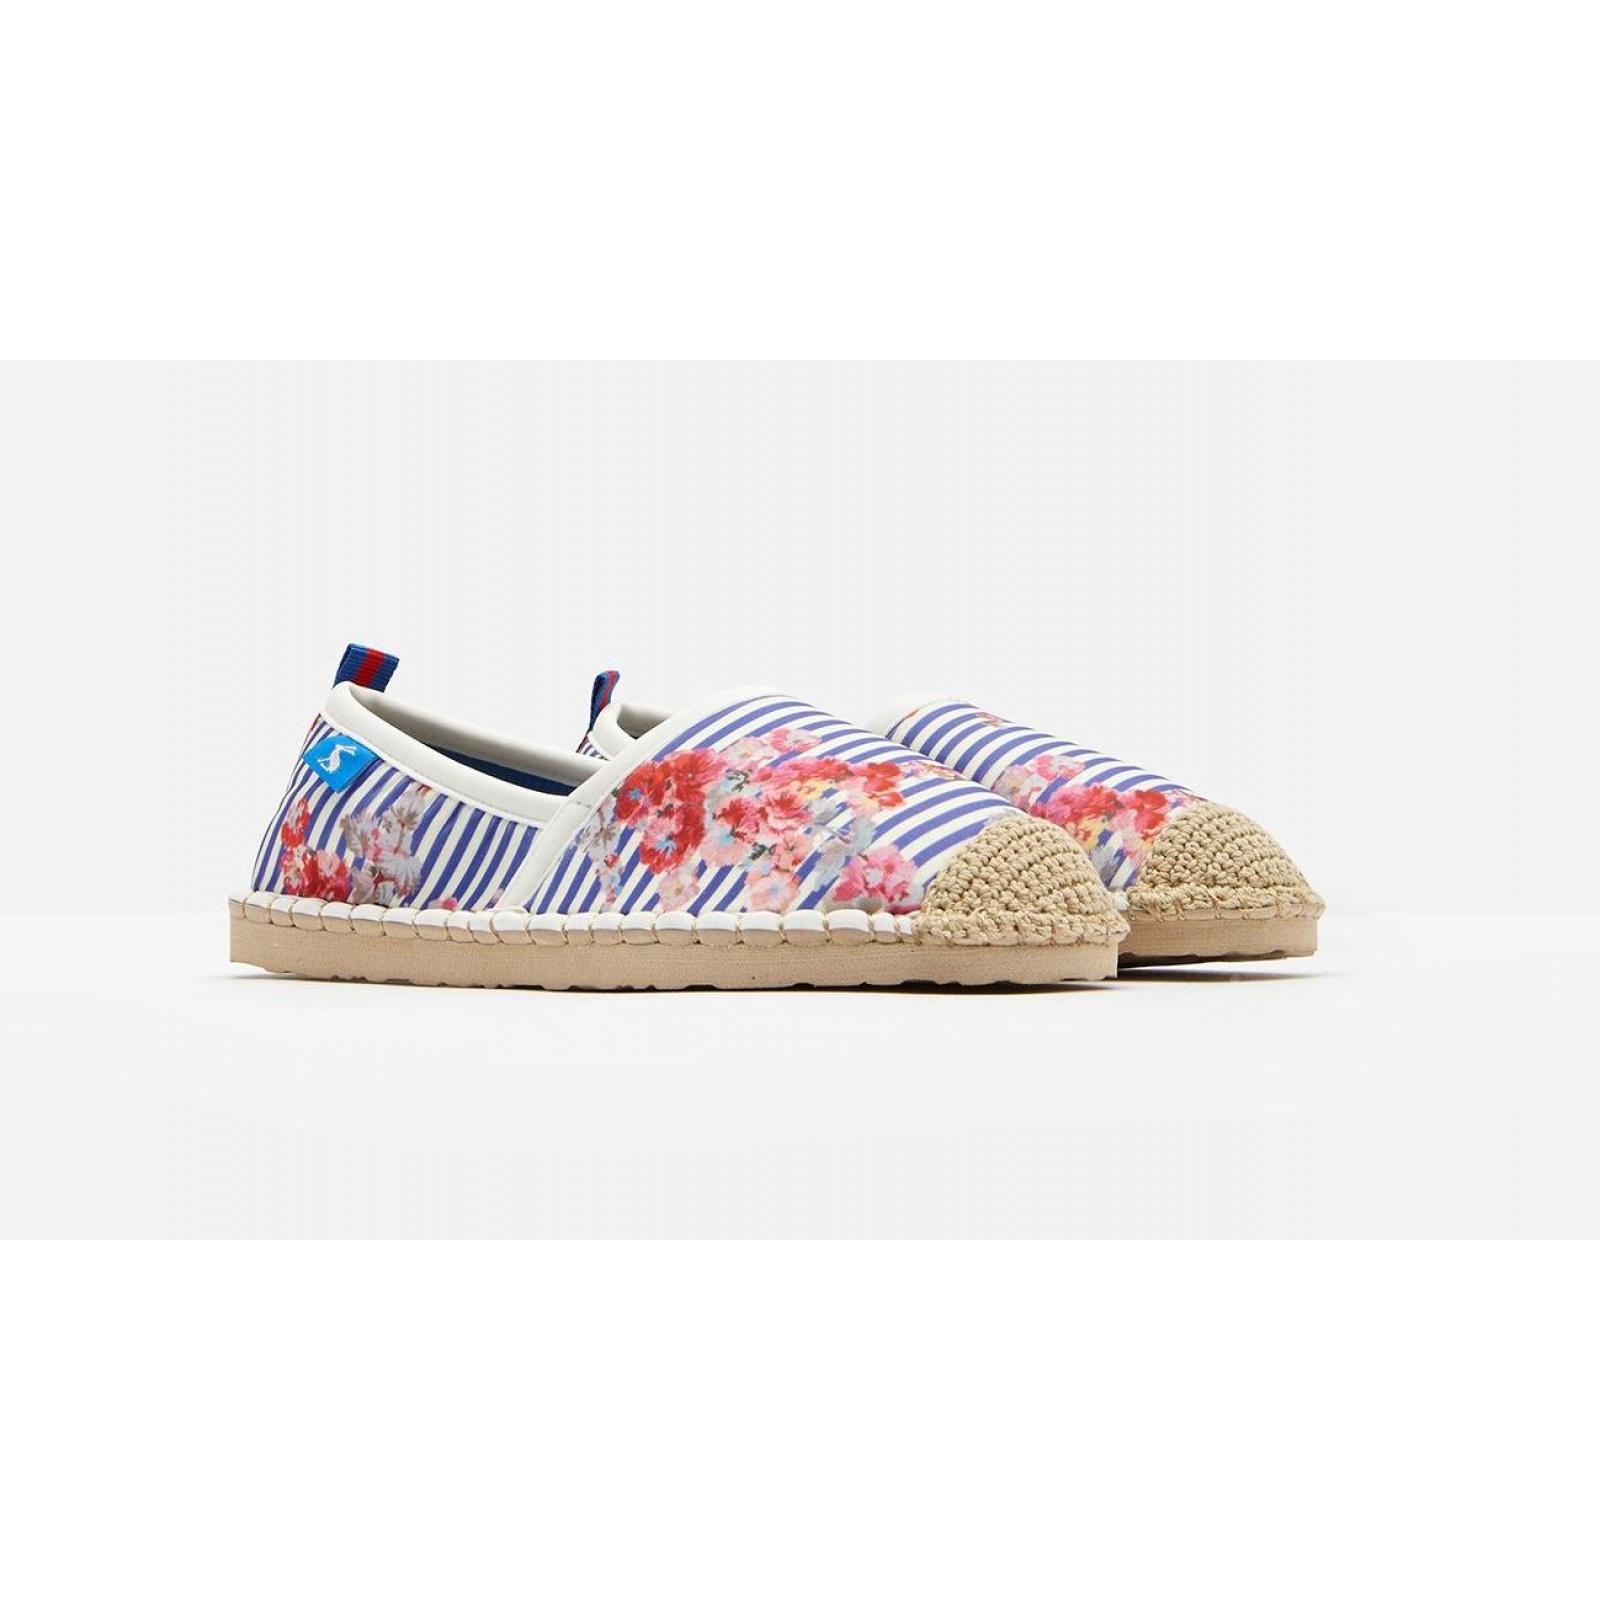 Joules-Ocean-Flipadrille-Lightweight-Summer-Shoe-SS19 miniature 3